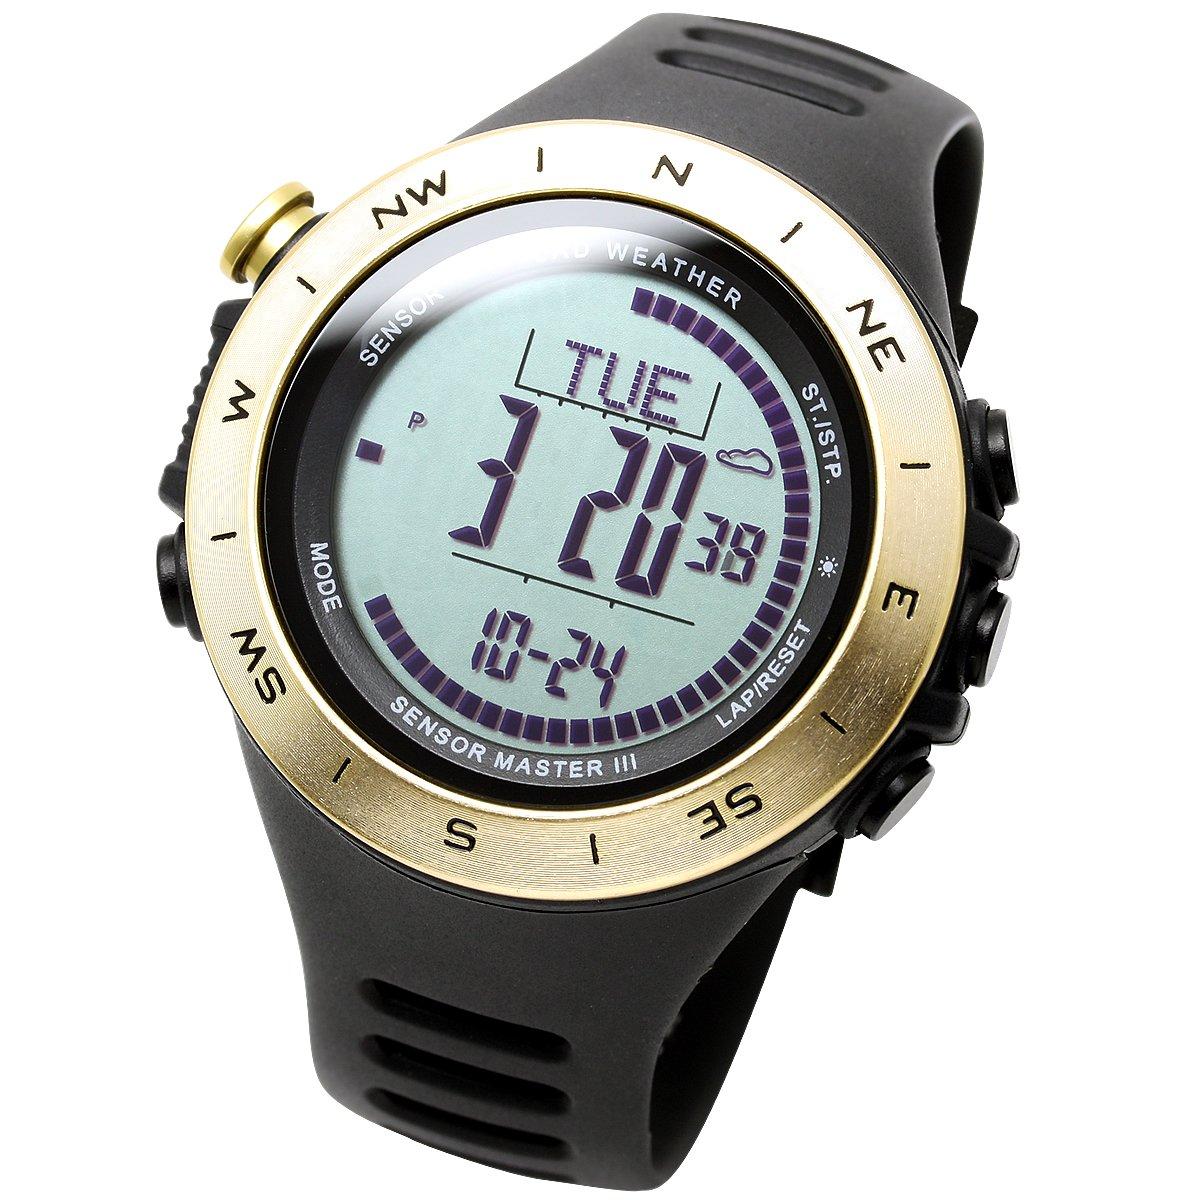 [Lad Weather] Reloj Ultra multifonctionnelle altímetro previsión metereológica Distancia/Velocidad/Paso/calorías